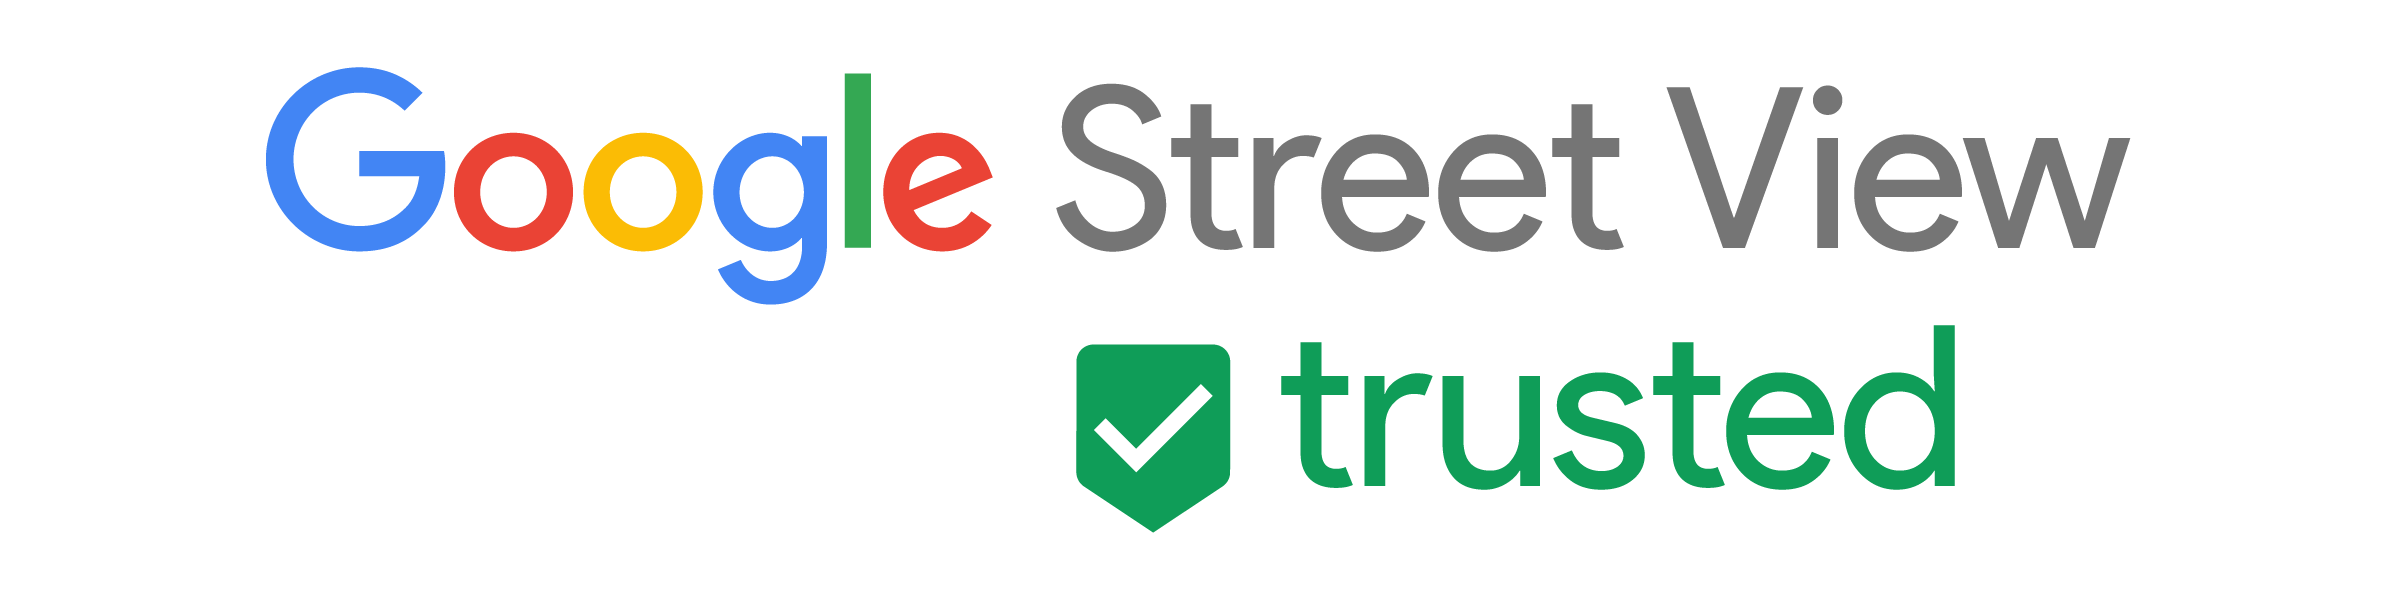 SVtrusted-EN-Transparent.png